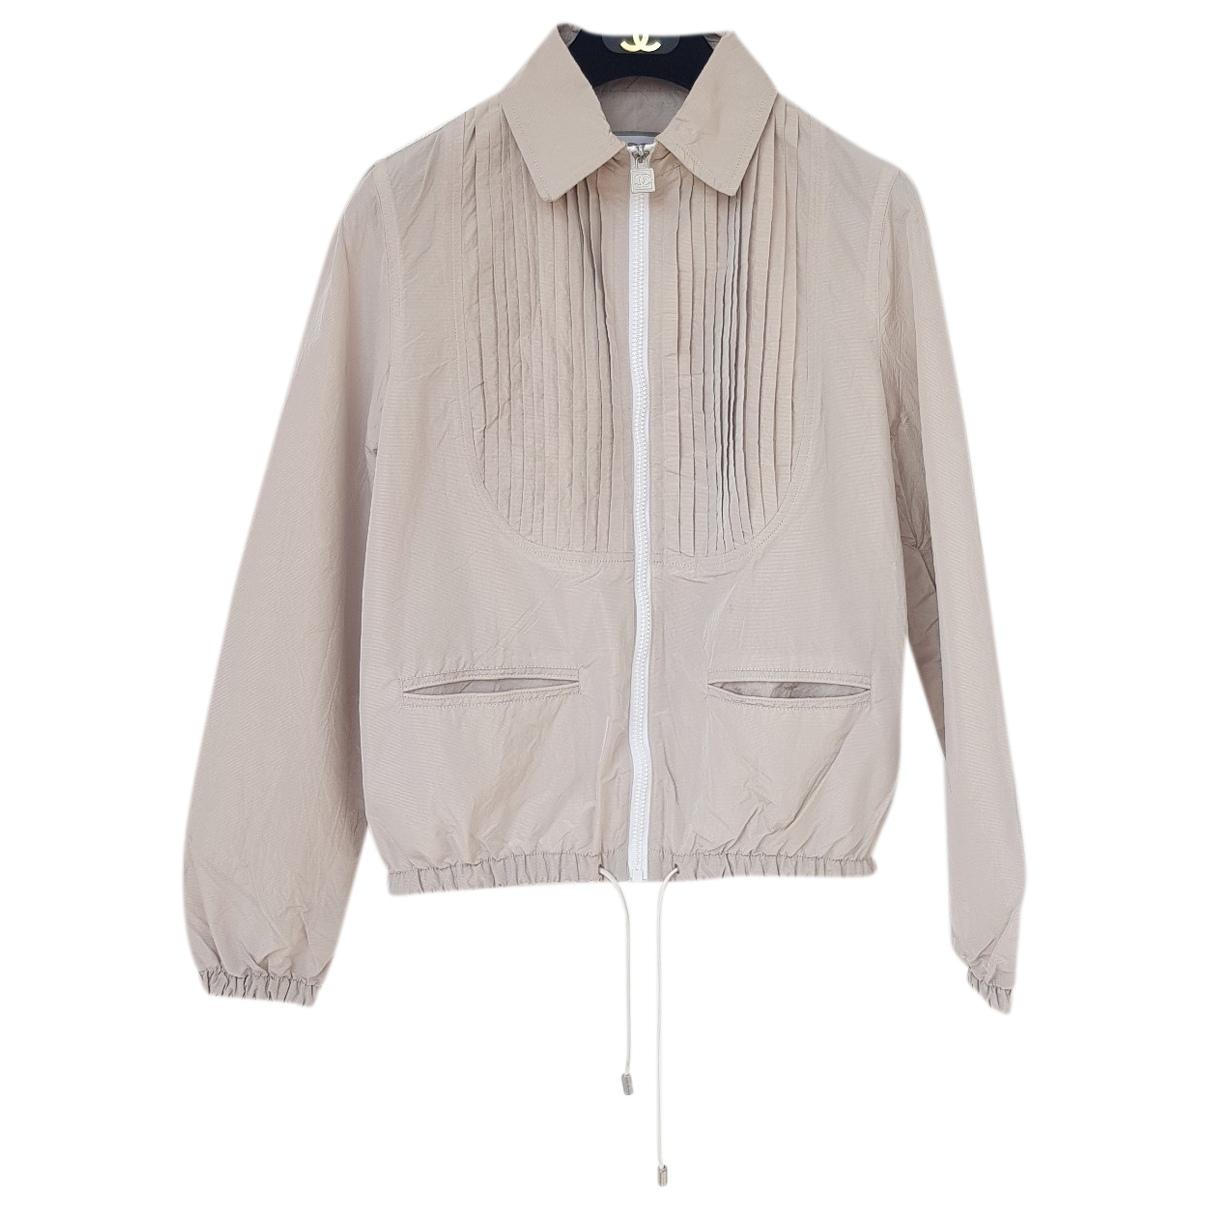 Chanel \N Ecru jacket for Women 38 FR